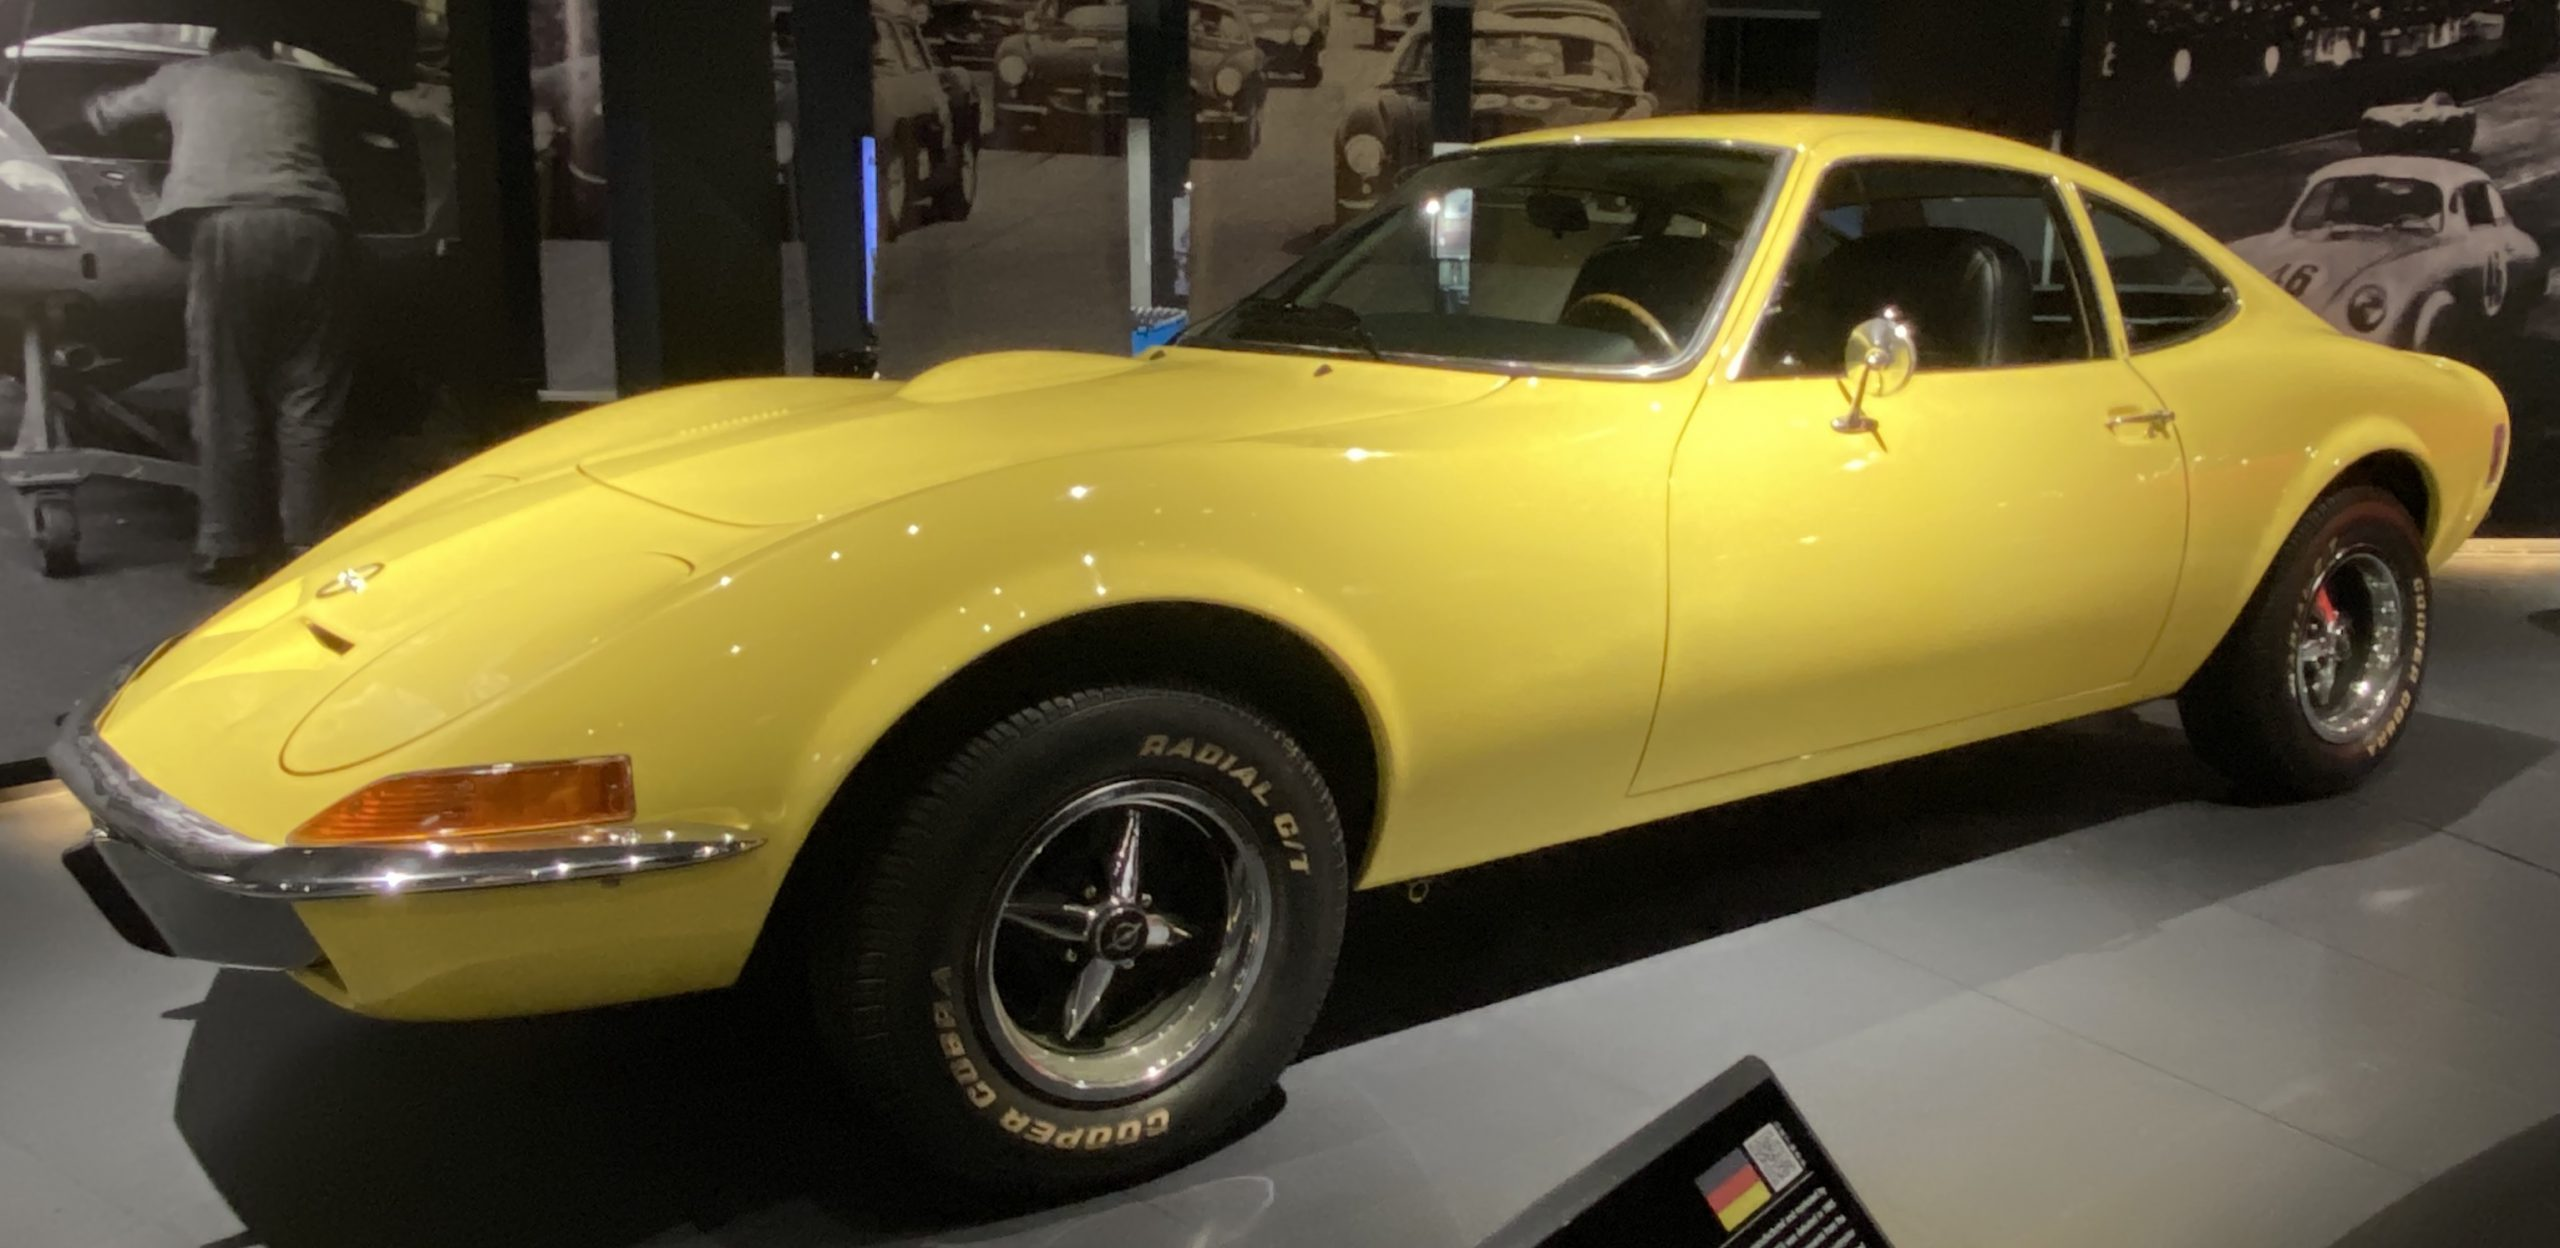 1972オペルGT-1972 Opel GT-常設展-三和老爺車博物館-成都市-四川省